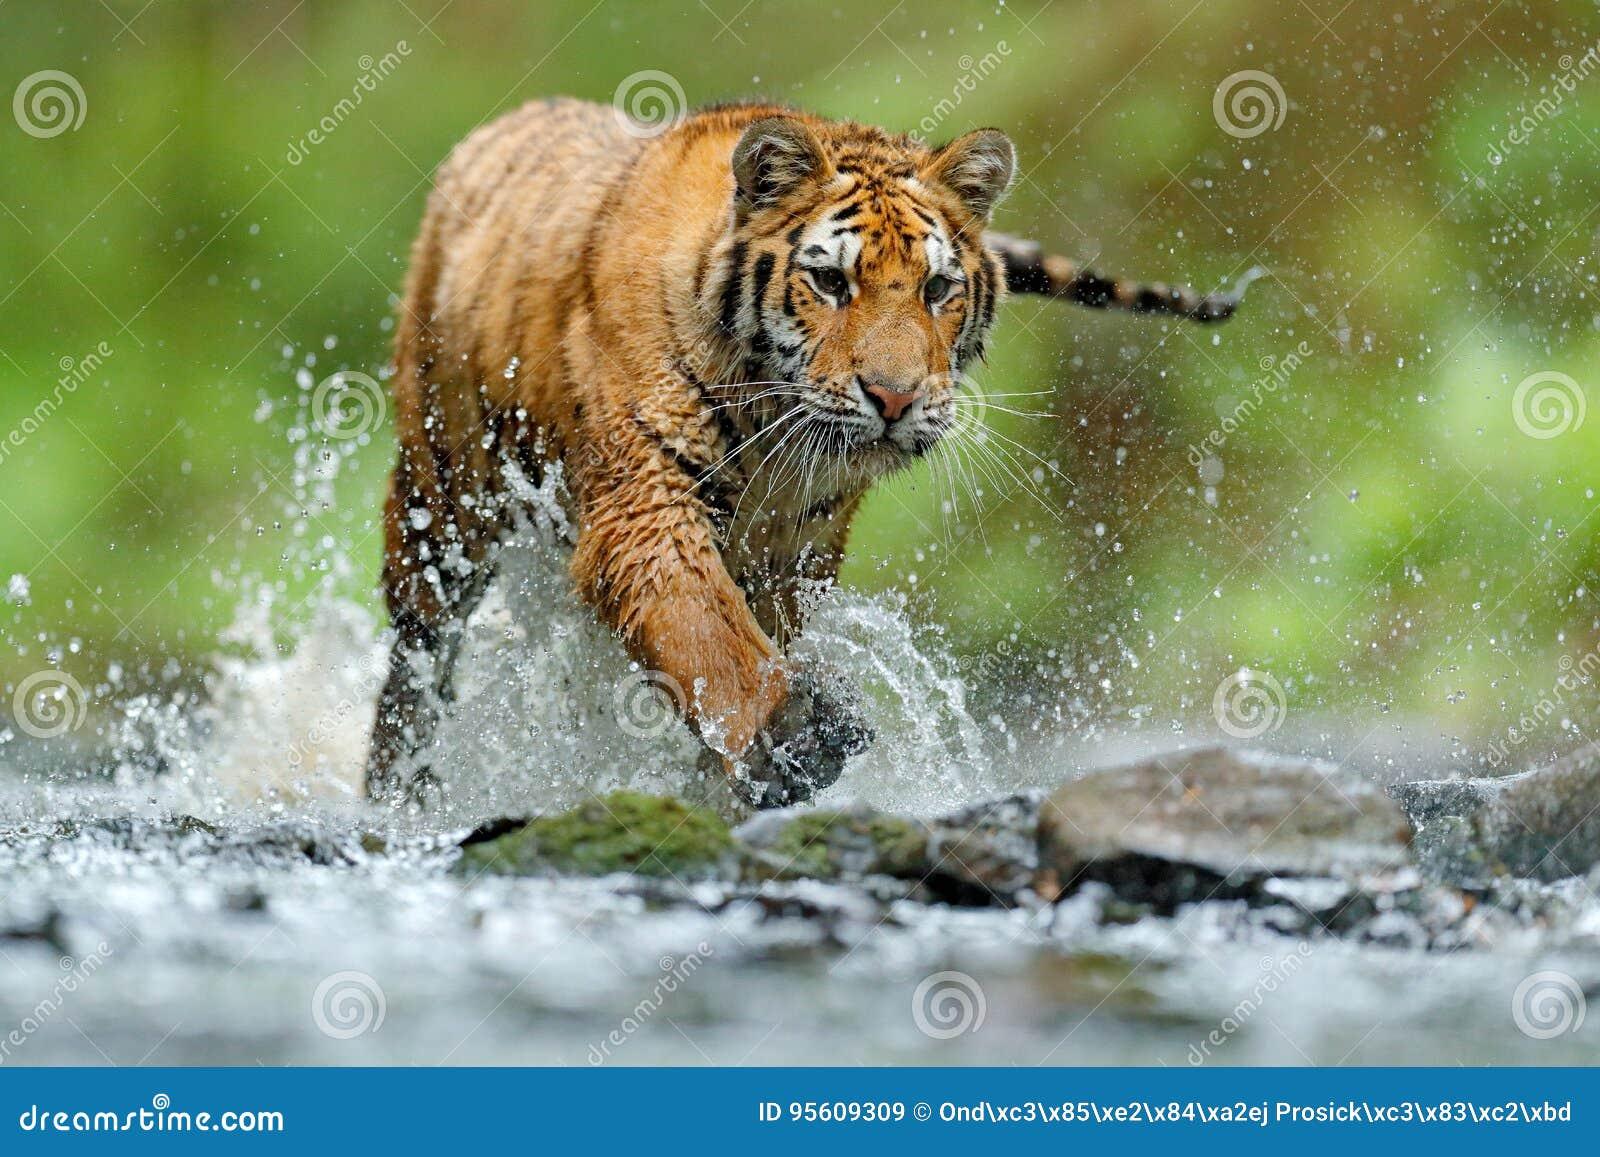 Tigre com água do rio do respingo Cena dos animais selvagens da ação do tigre, gato selvagem, habitat da natureza Tigre que funci